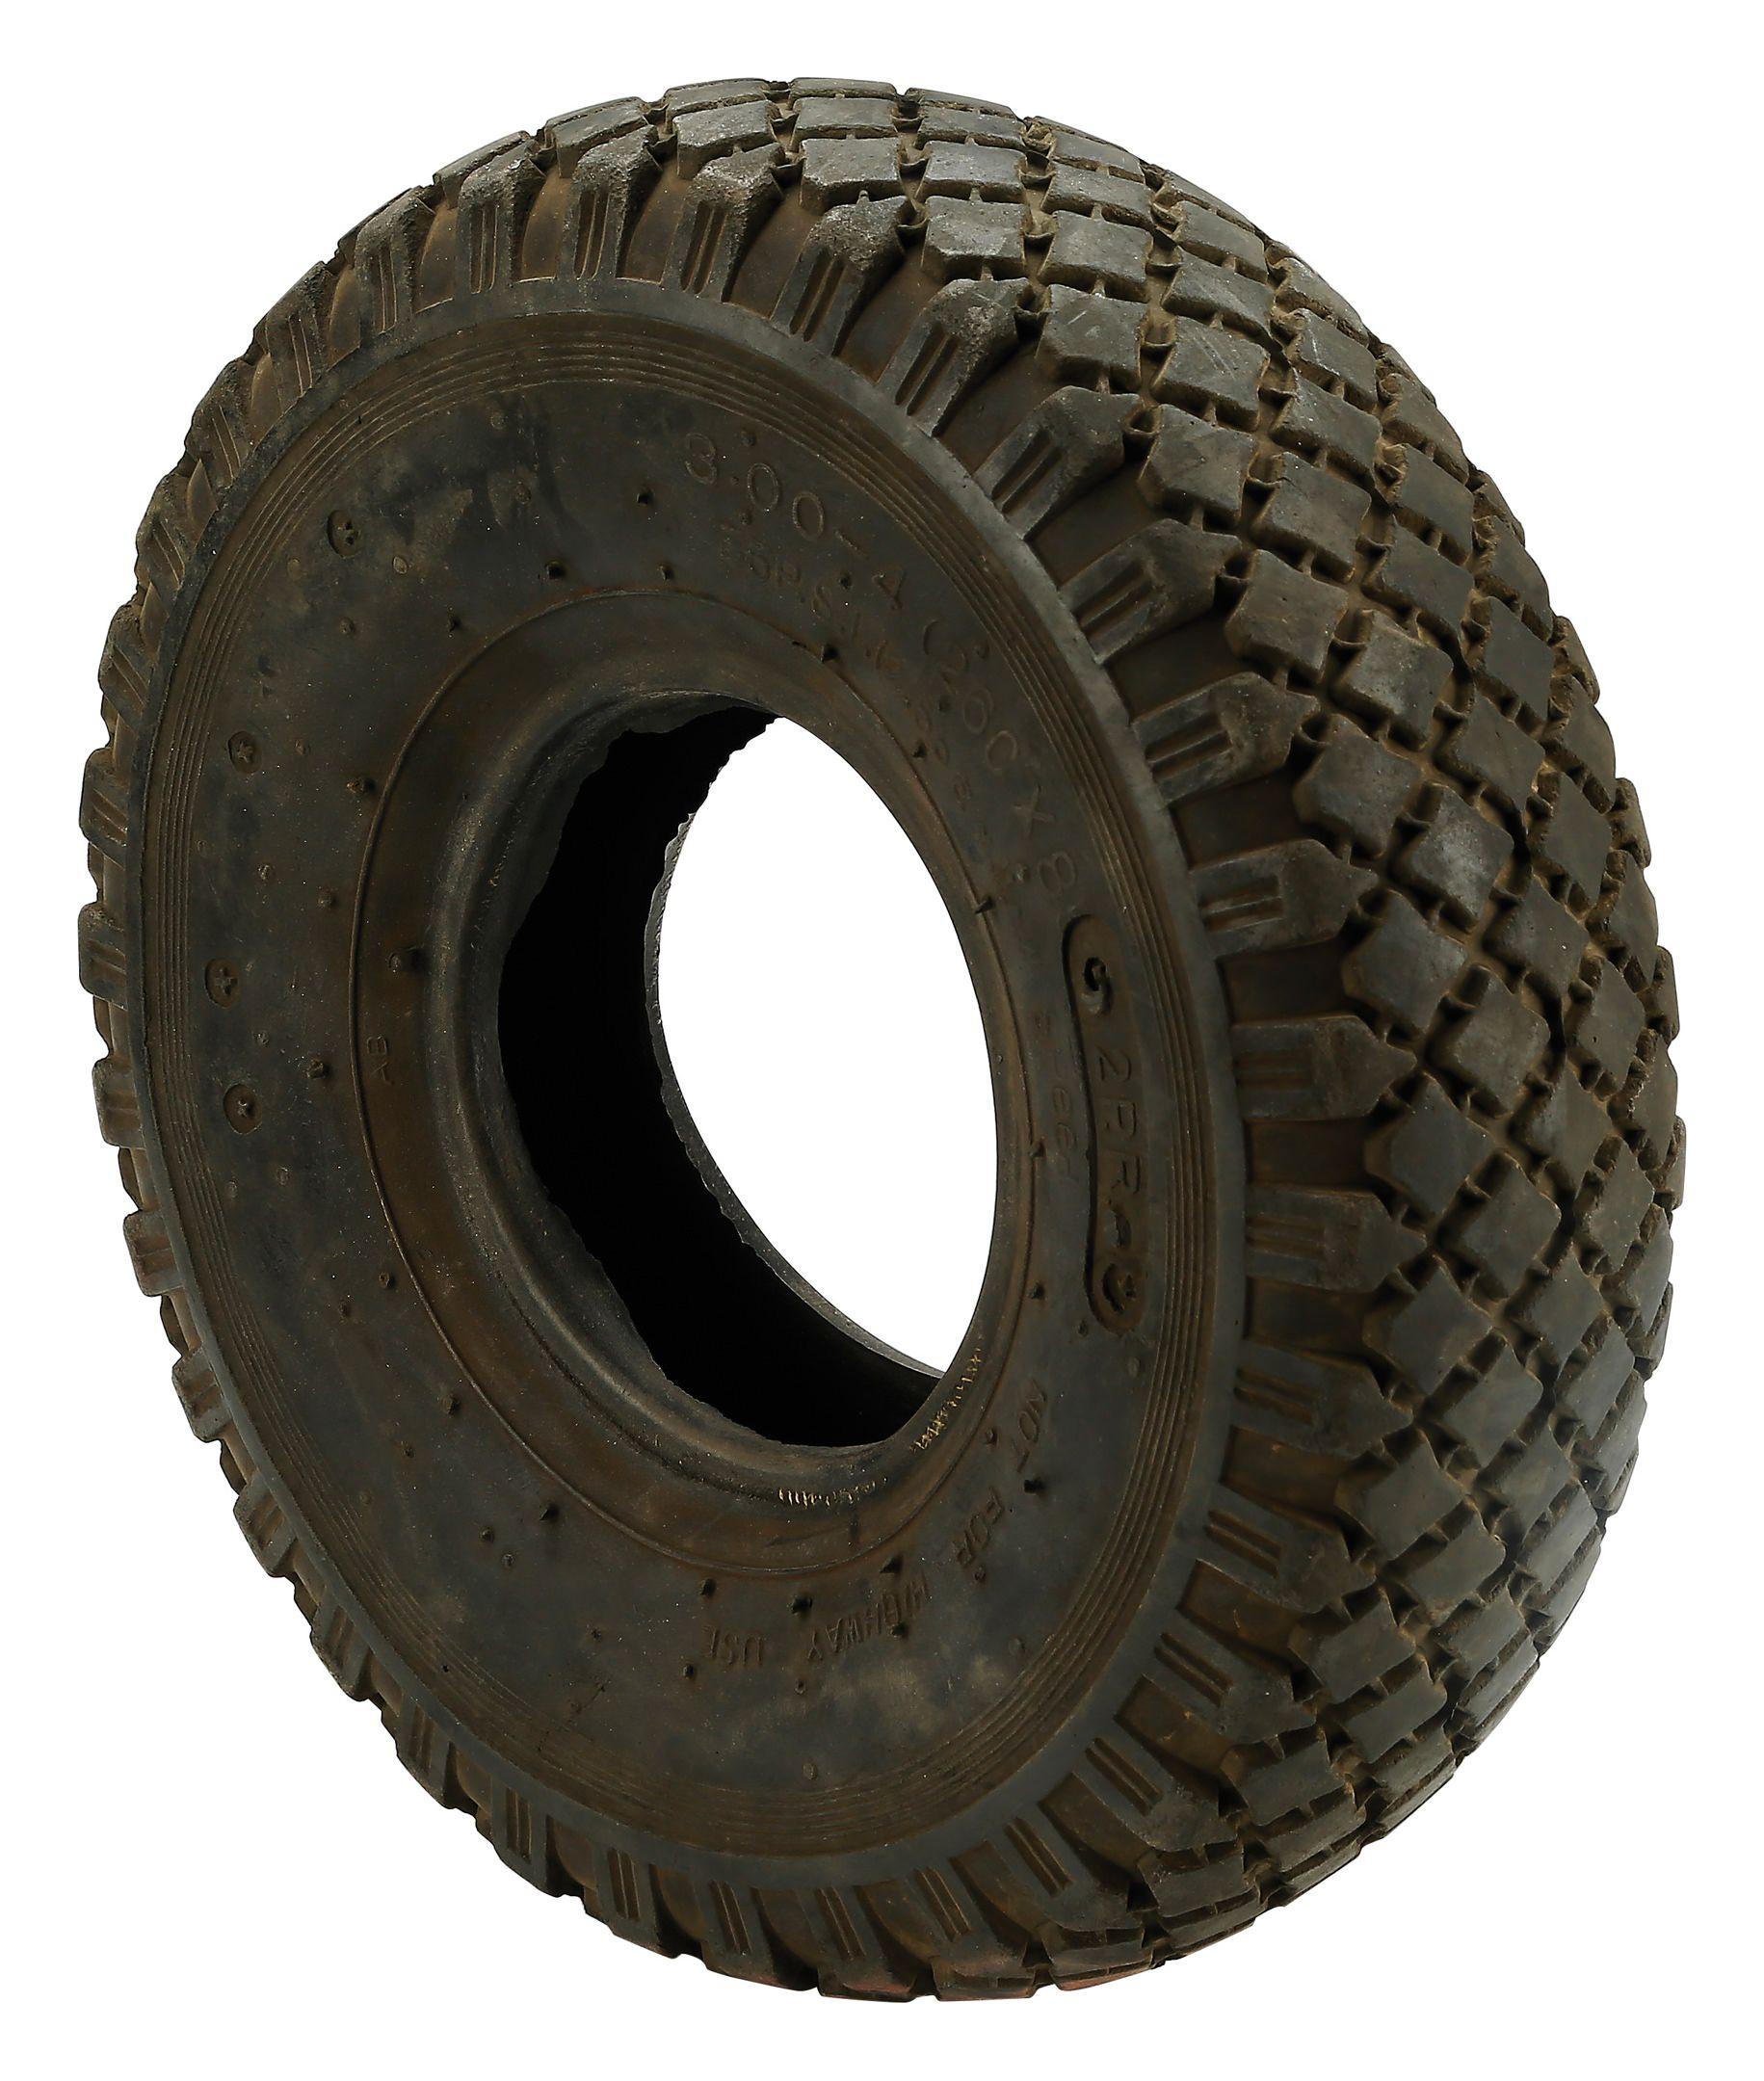 Altrad Ersatz-Reifen für Sackkarren- Luftrad 260 x 85 mm Fort - FO81041